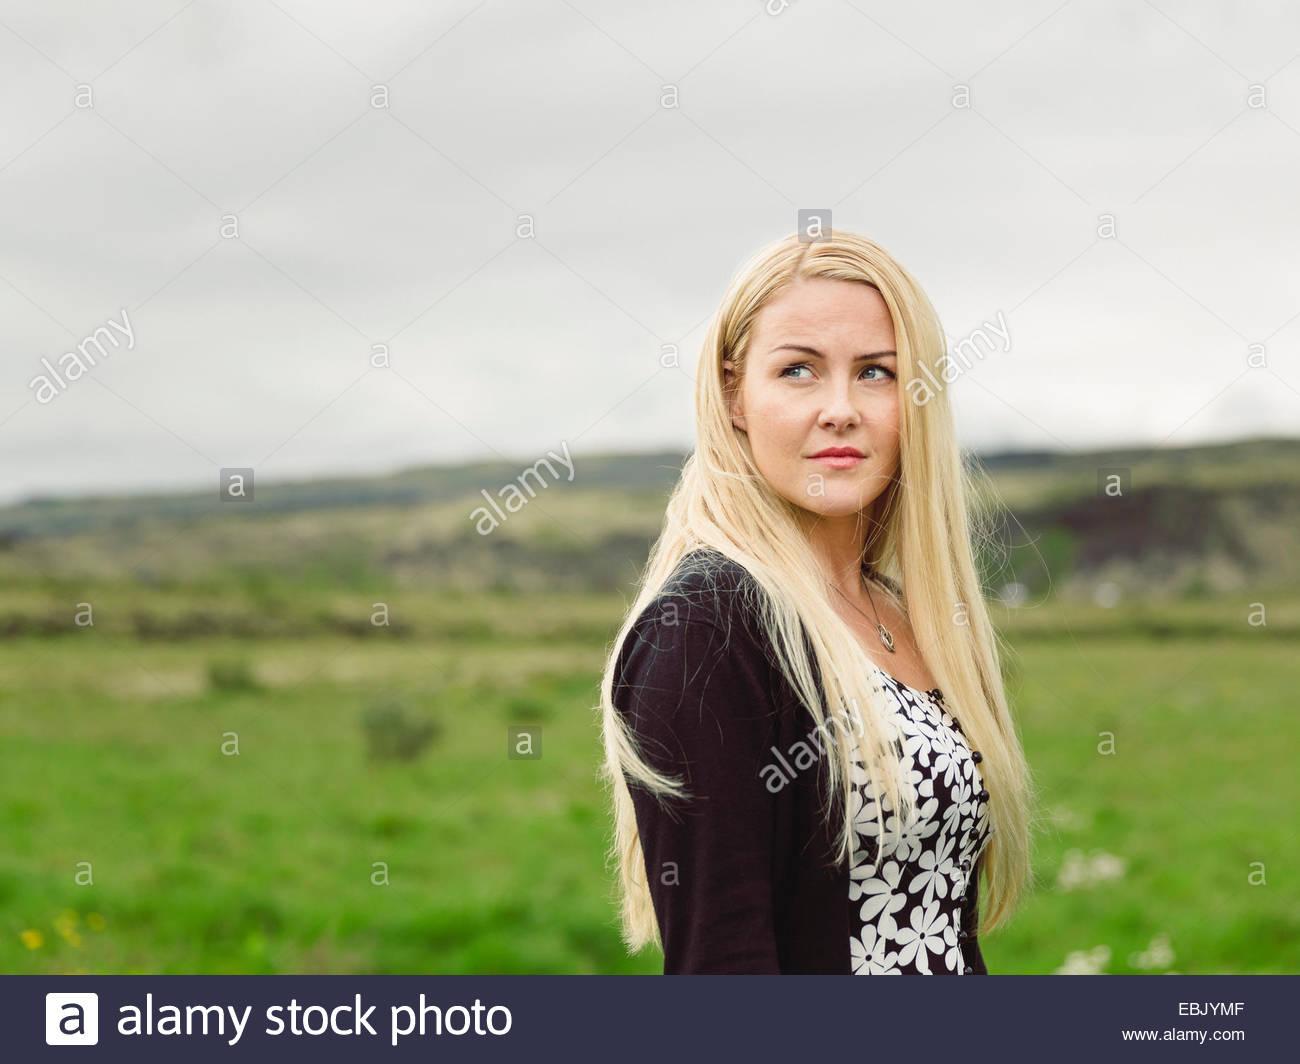 Metà donna adulta che guarda lontano, in ambiente rurale Immagini Stock